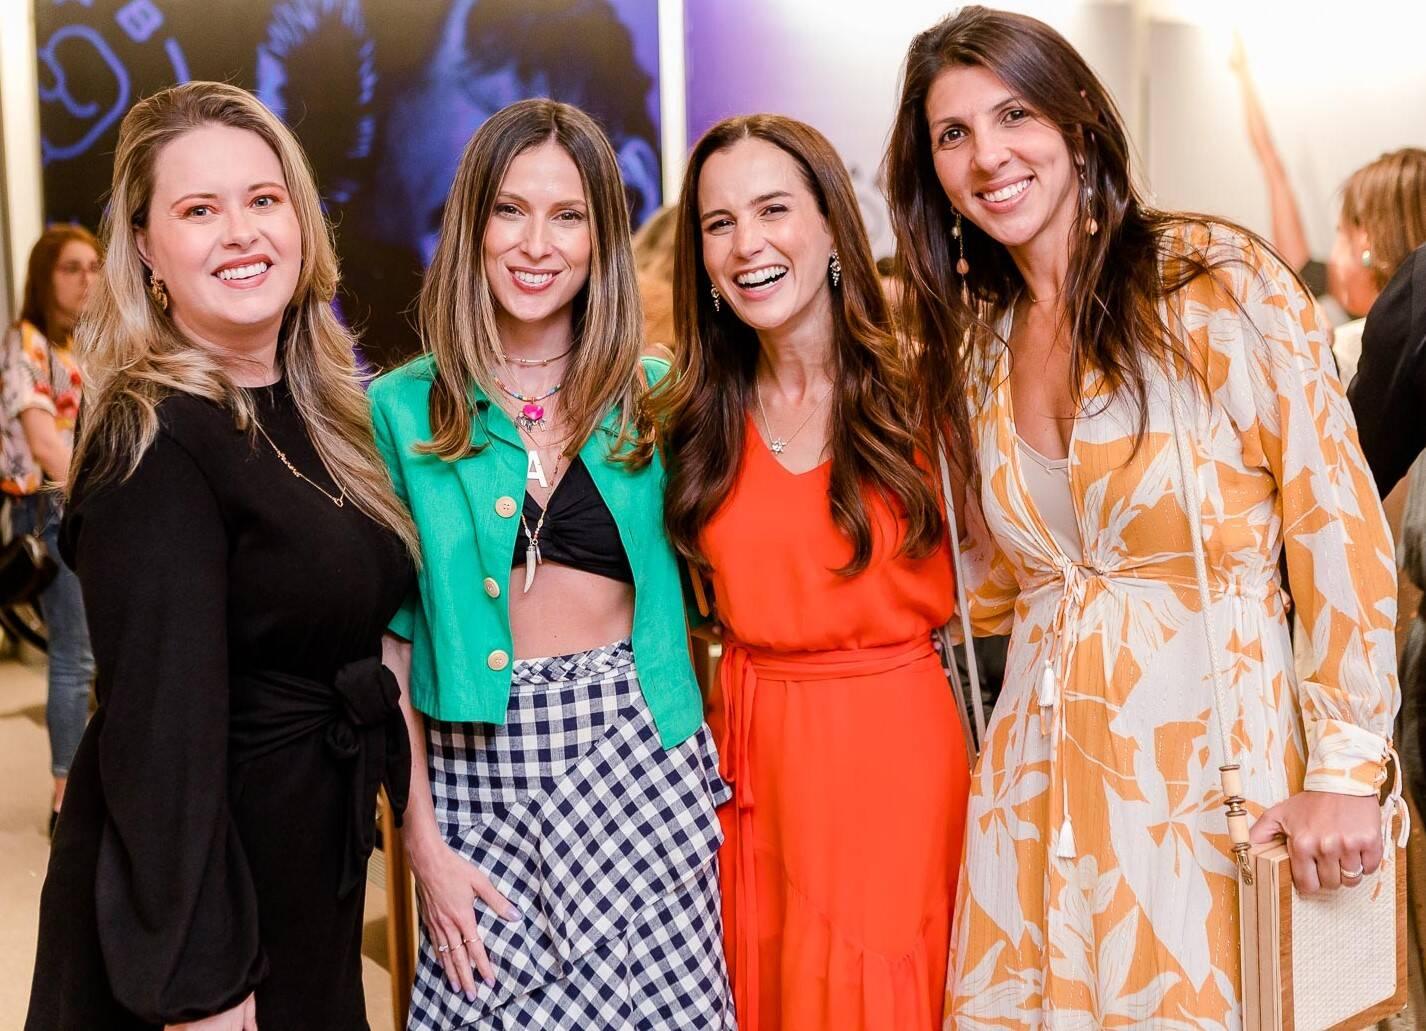 Mari Bridi, Anny Meisler, Joana Nolasco e Nathalia Lima /Foto: Bruno Ryfer